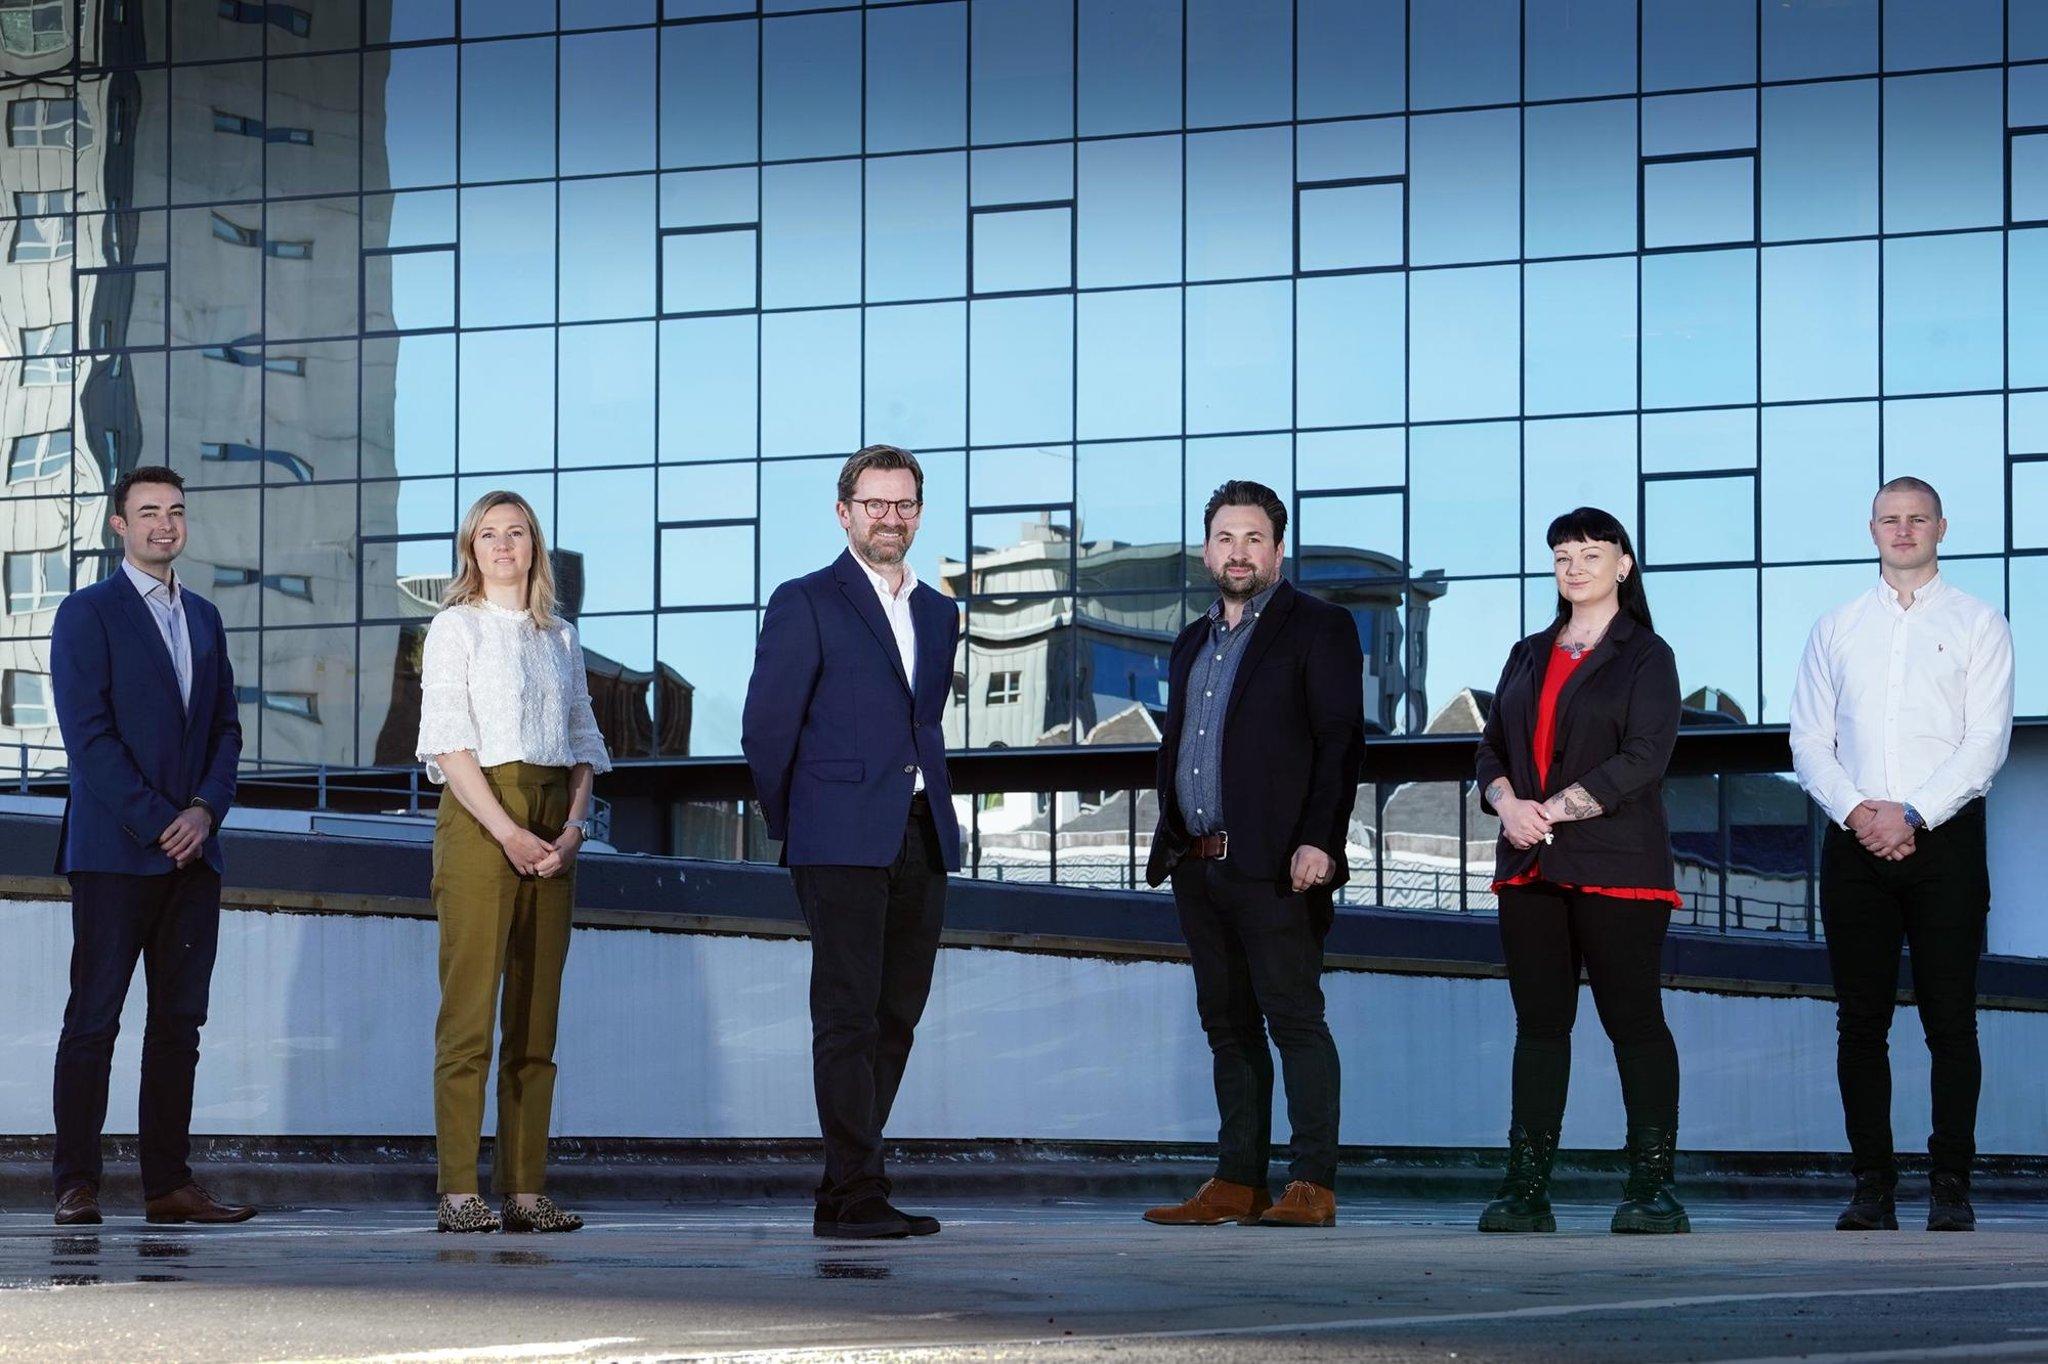 Akselerator 'Internet of things' bertujuan untuk melontarkan perusahaan paling inovatif di Skotlandia ke panggung dunia